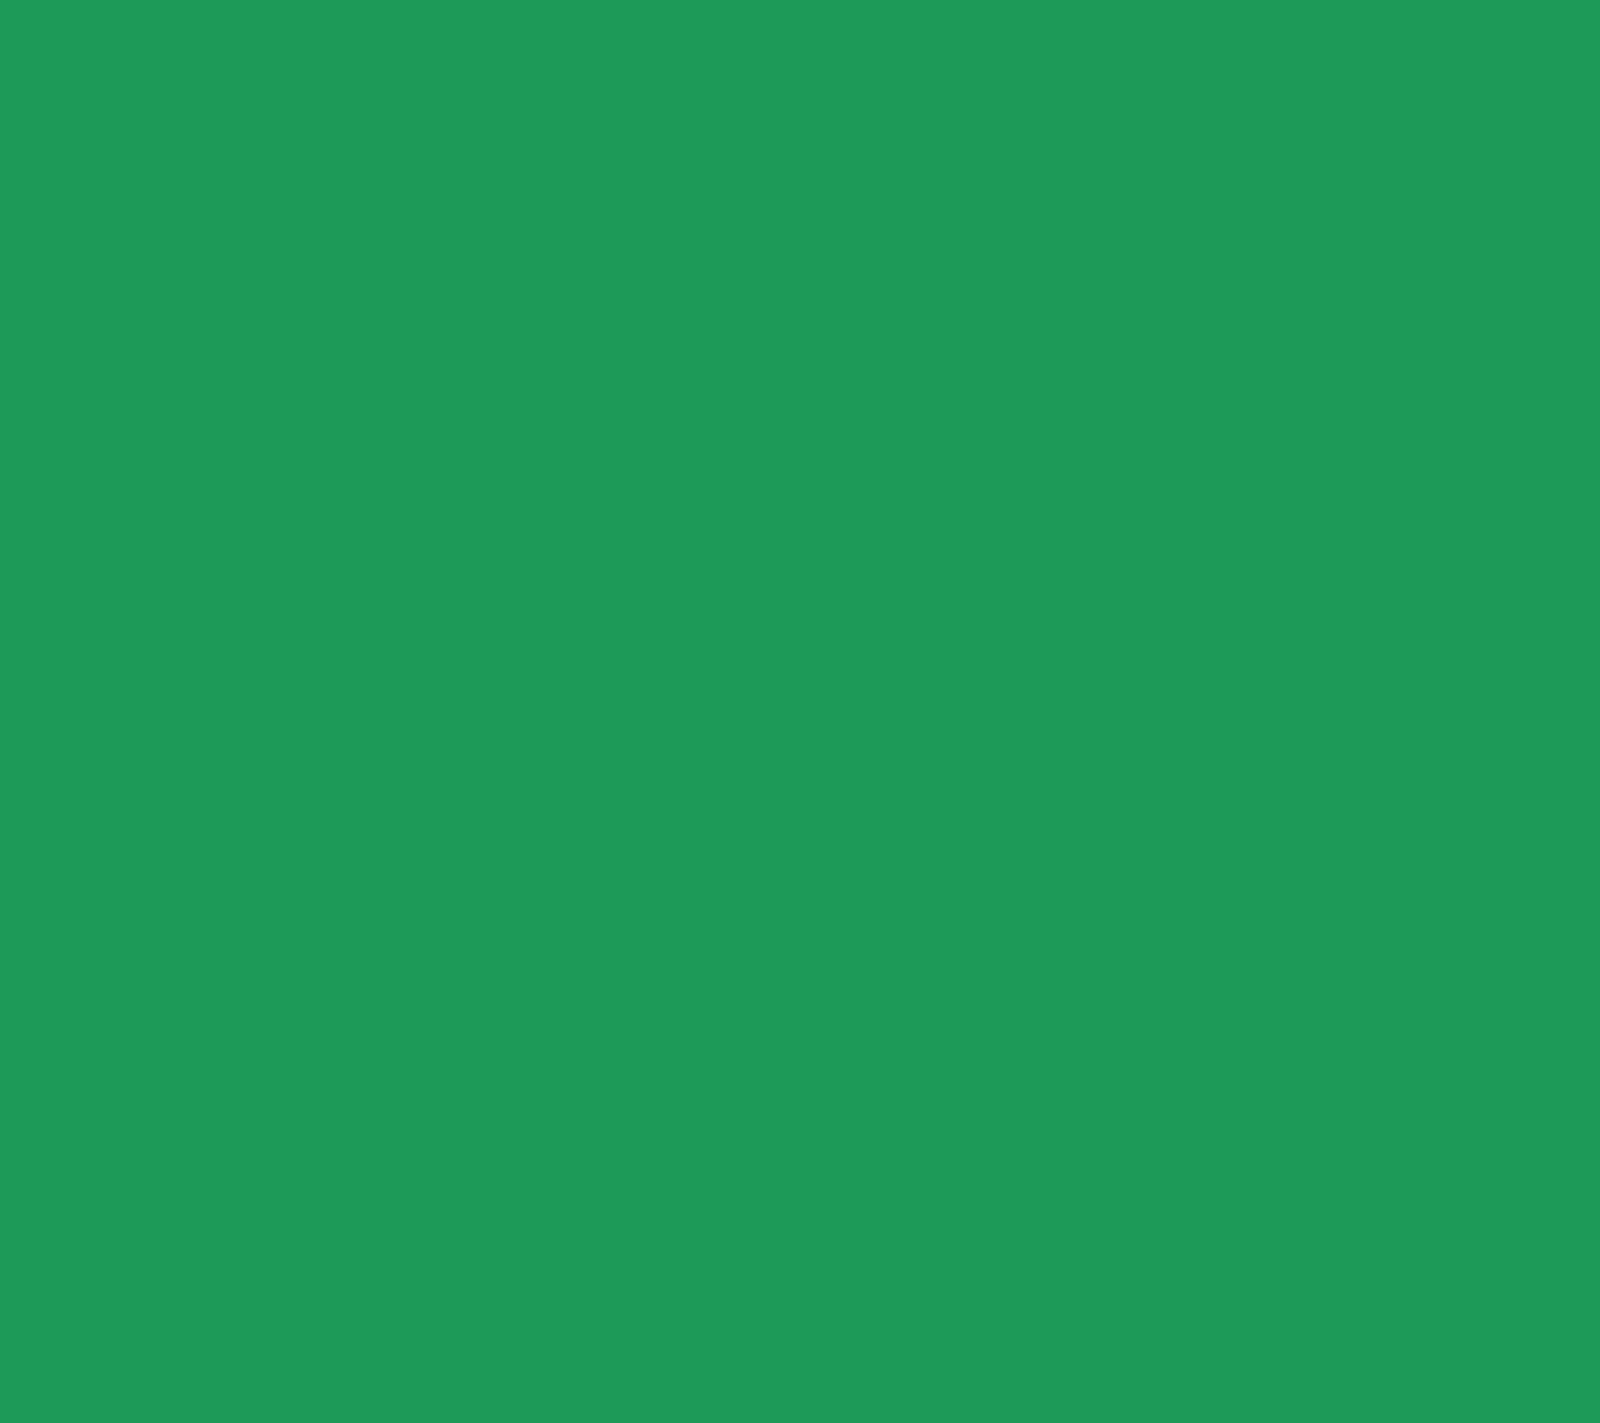 grün PUL